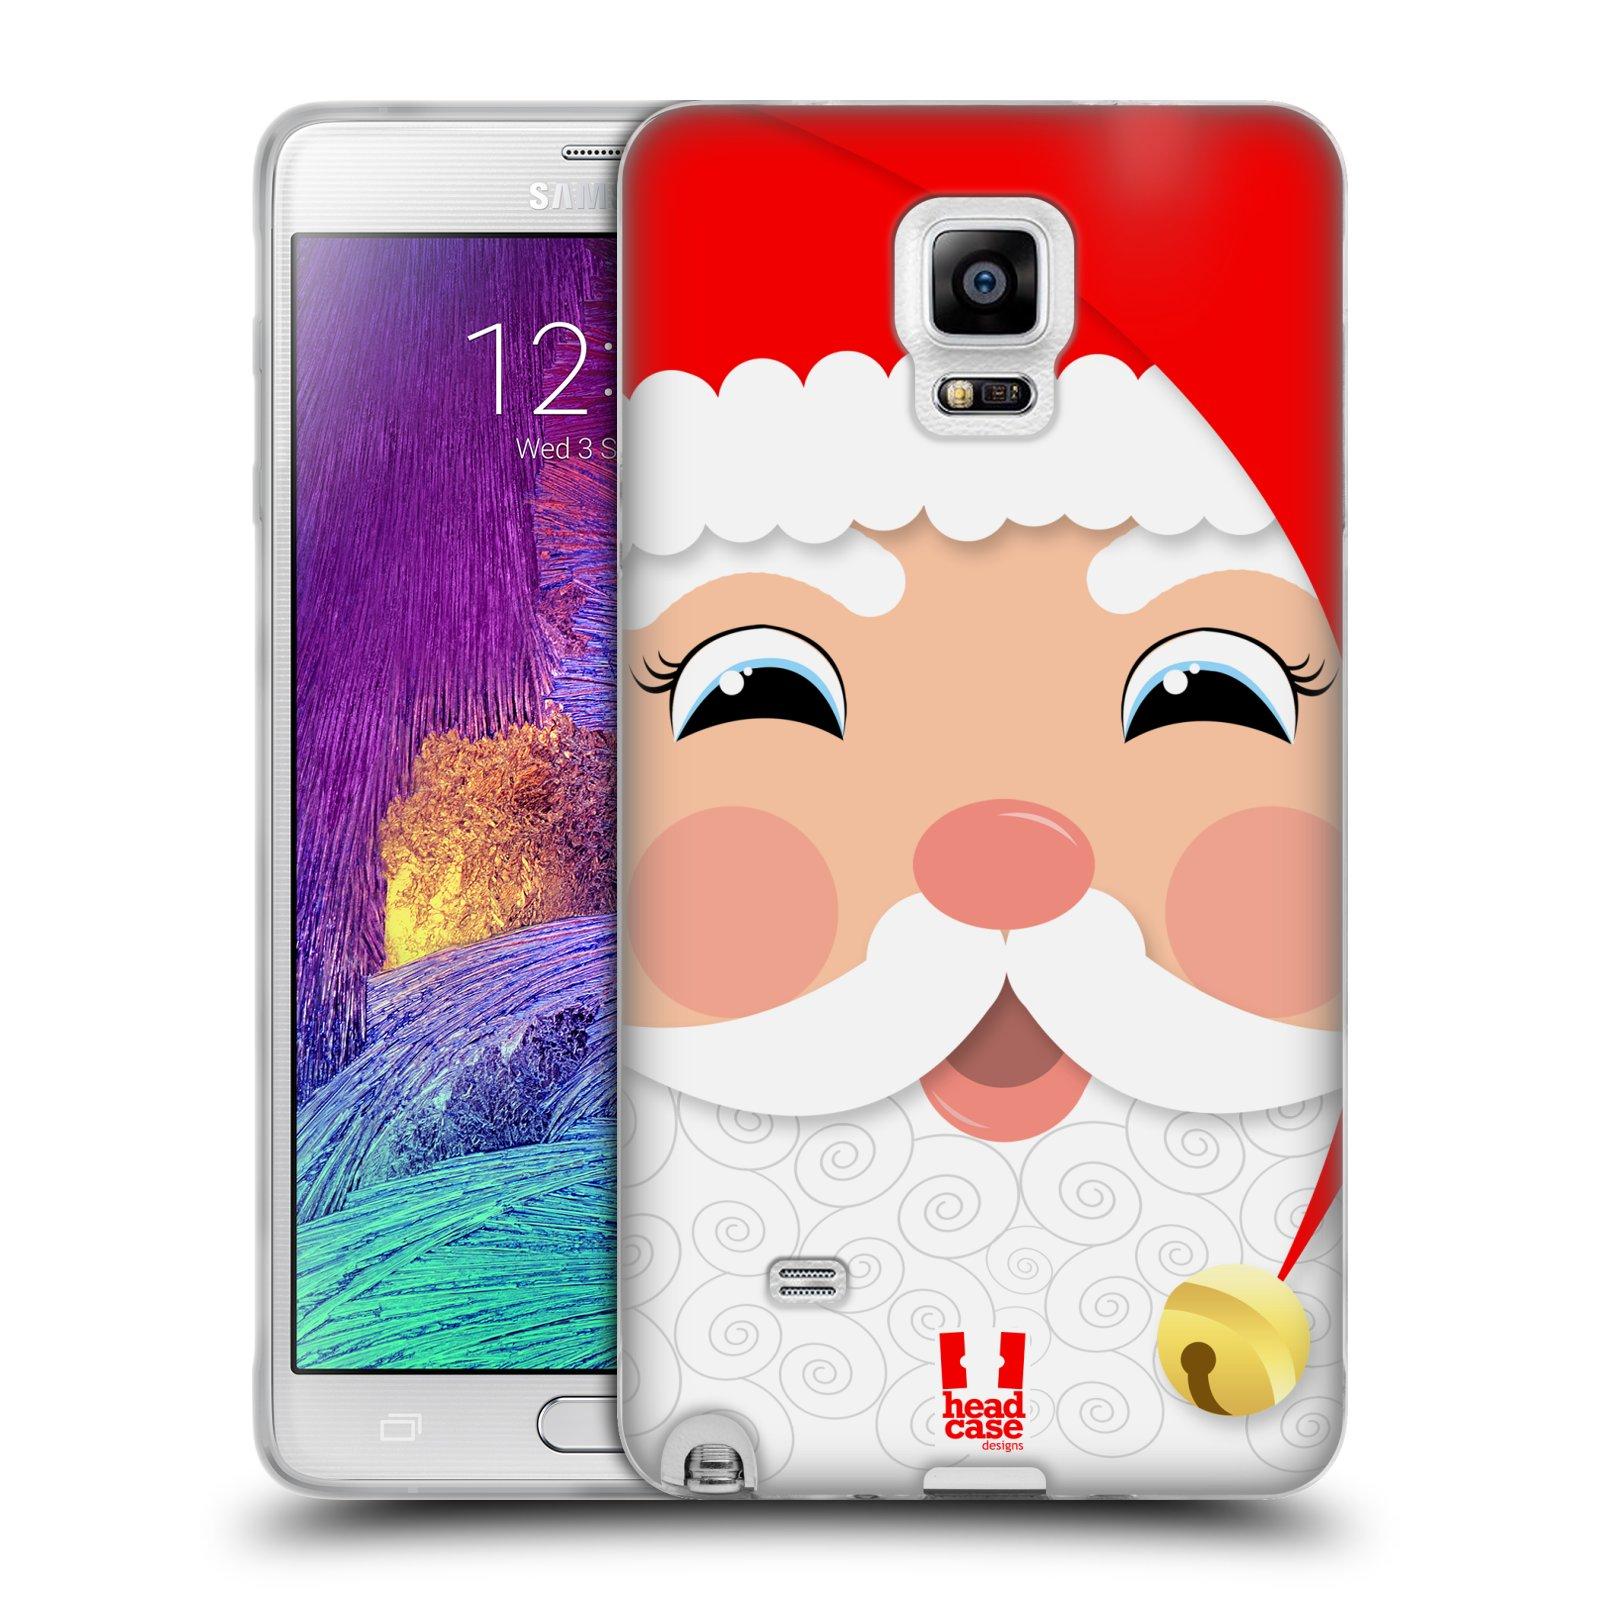 Silikonové pouzdro na mobil Samsung Galaxy Note 4 HEAD CASE VÁNOCE SANTA (Silikonový kryt či obal na mobilní telefon Samsung Galaxy Note 4 SM-N910F)